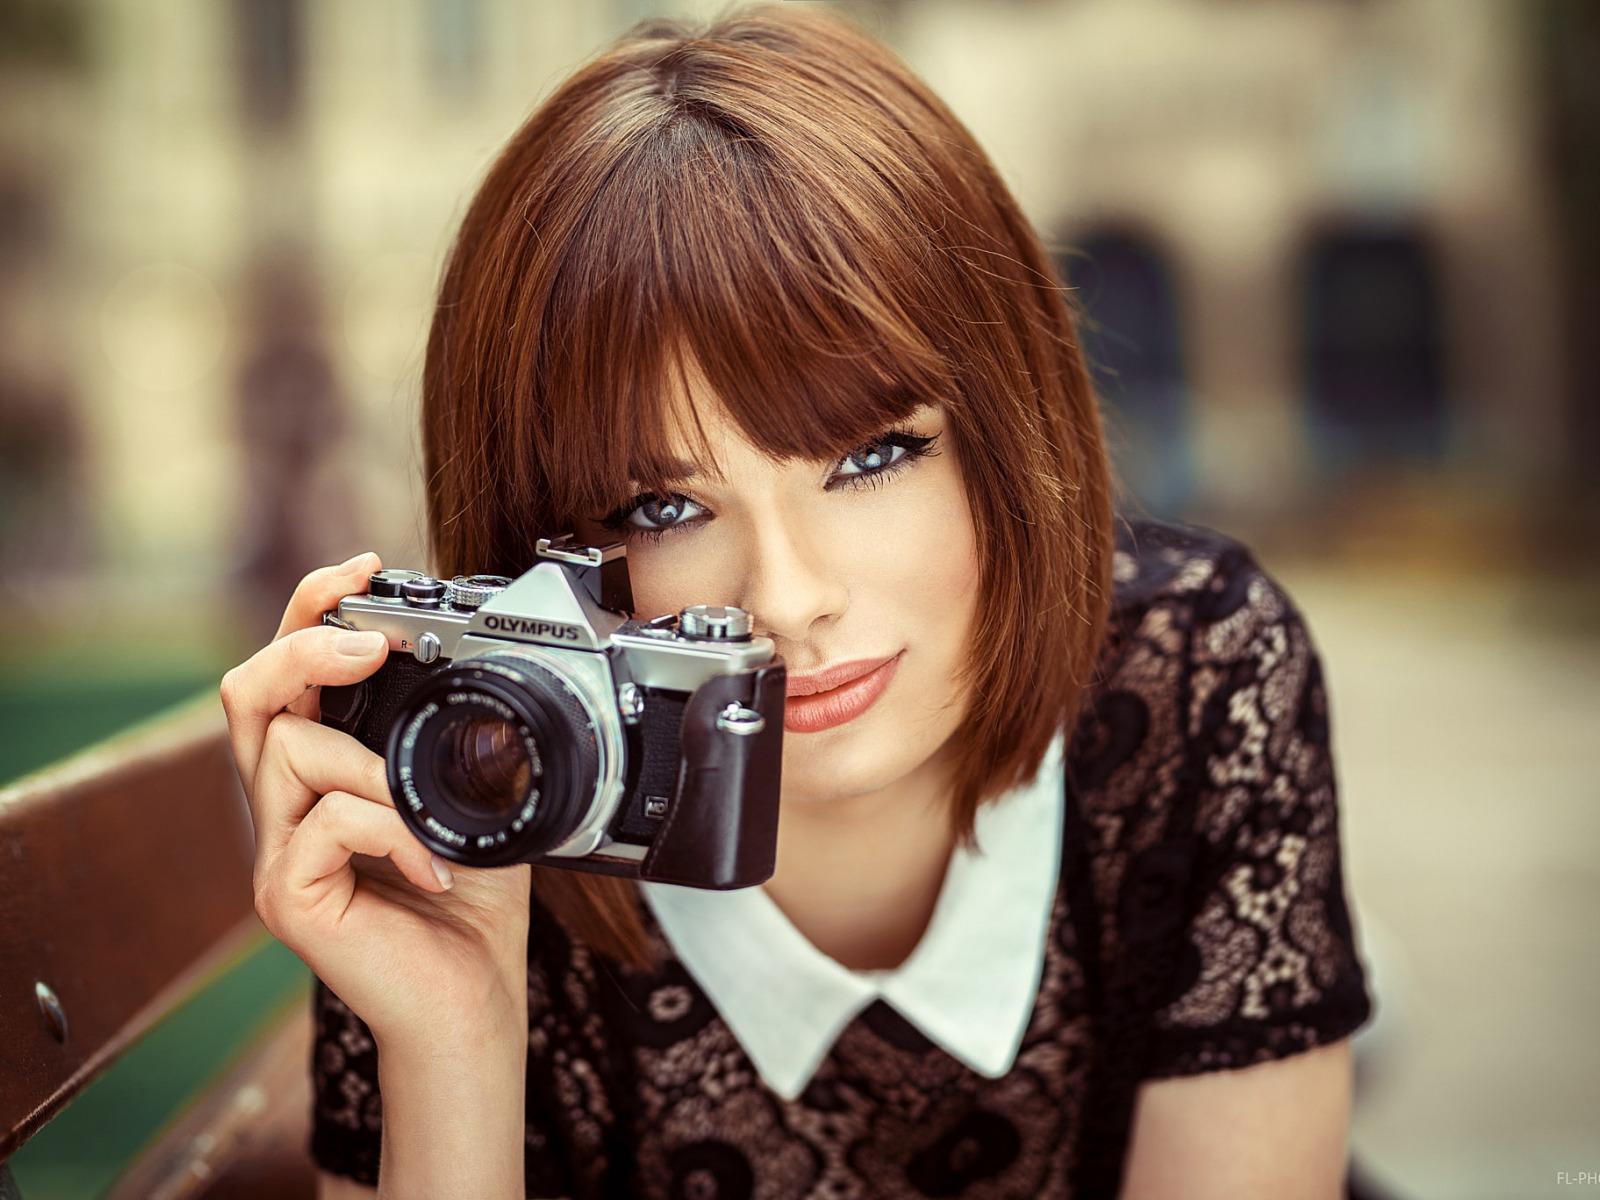 профессиональный фотоаппарат для портрета очень хотелось сделать